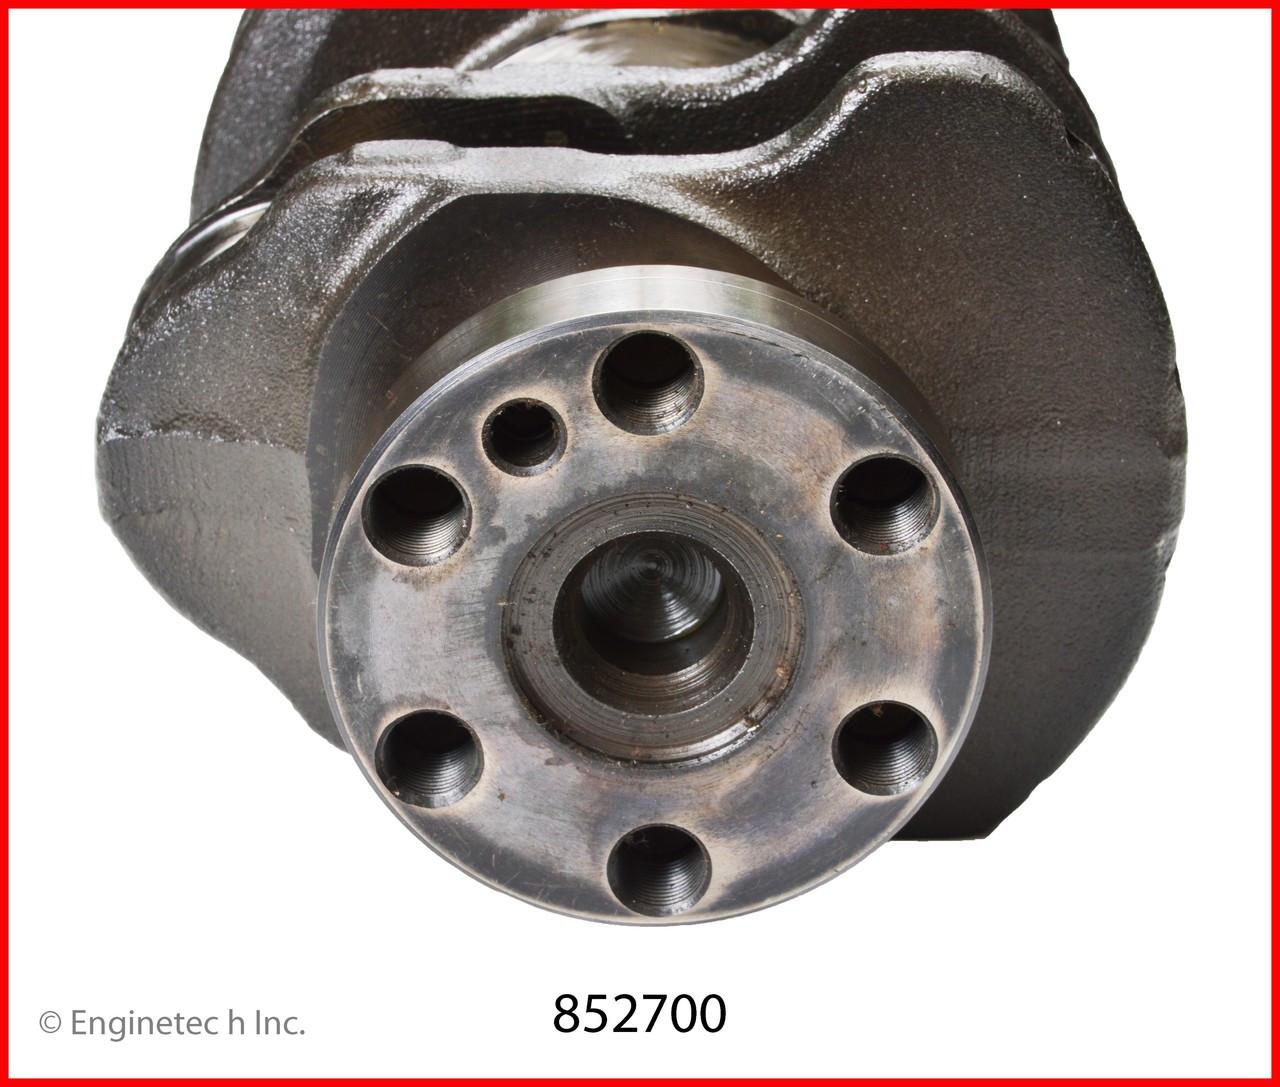 2000 Honda Civic 1.6L Engine Crankshaft Kit 852700 -33